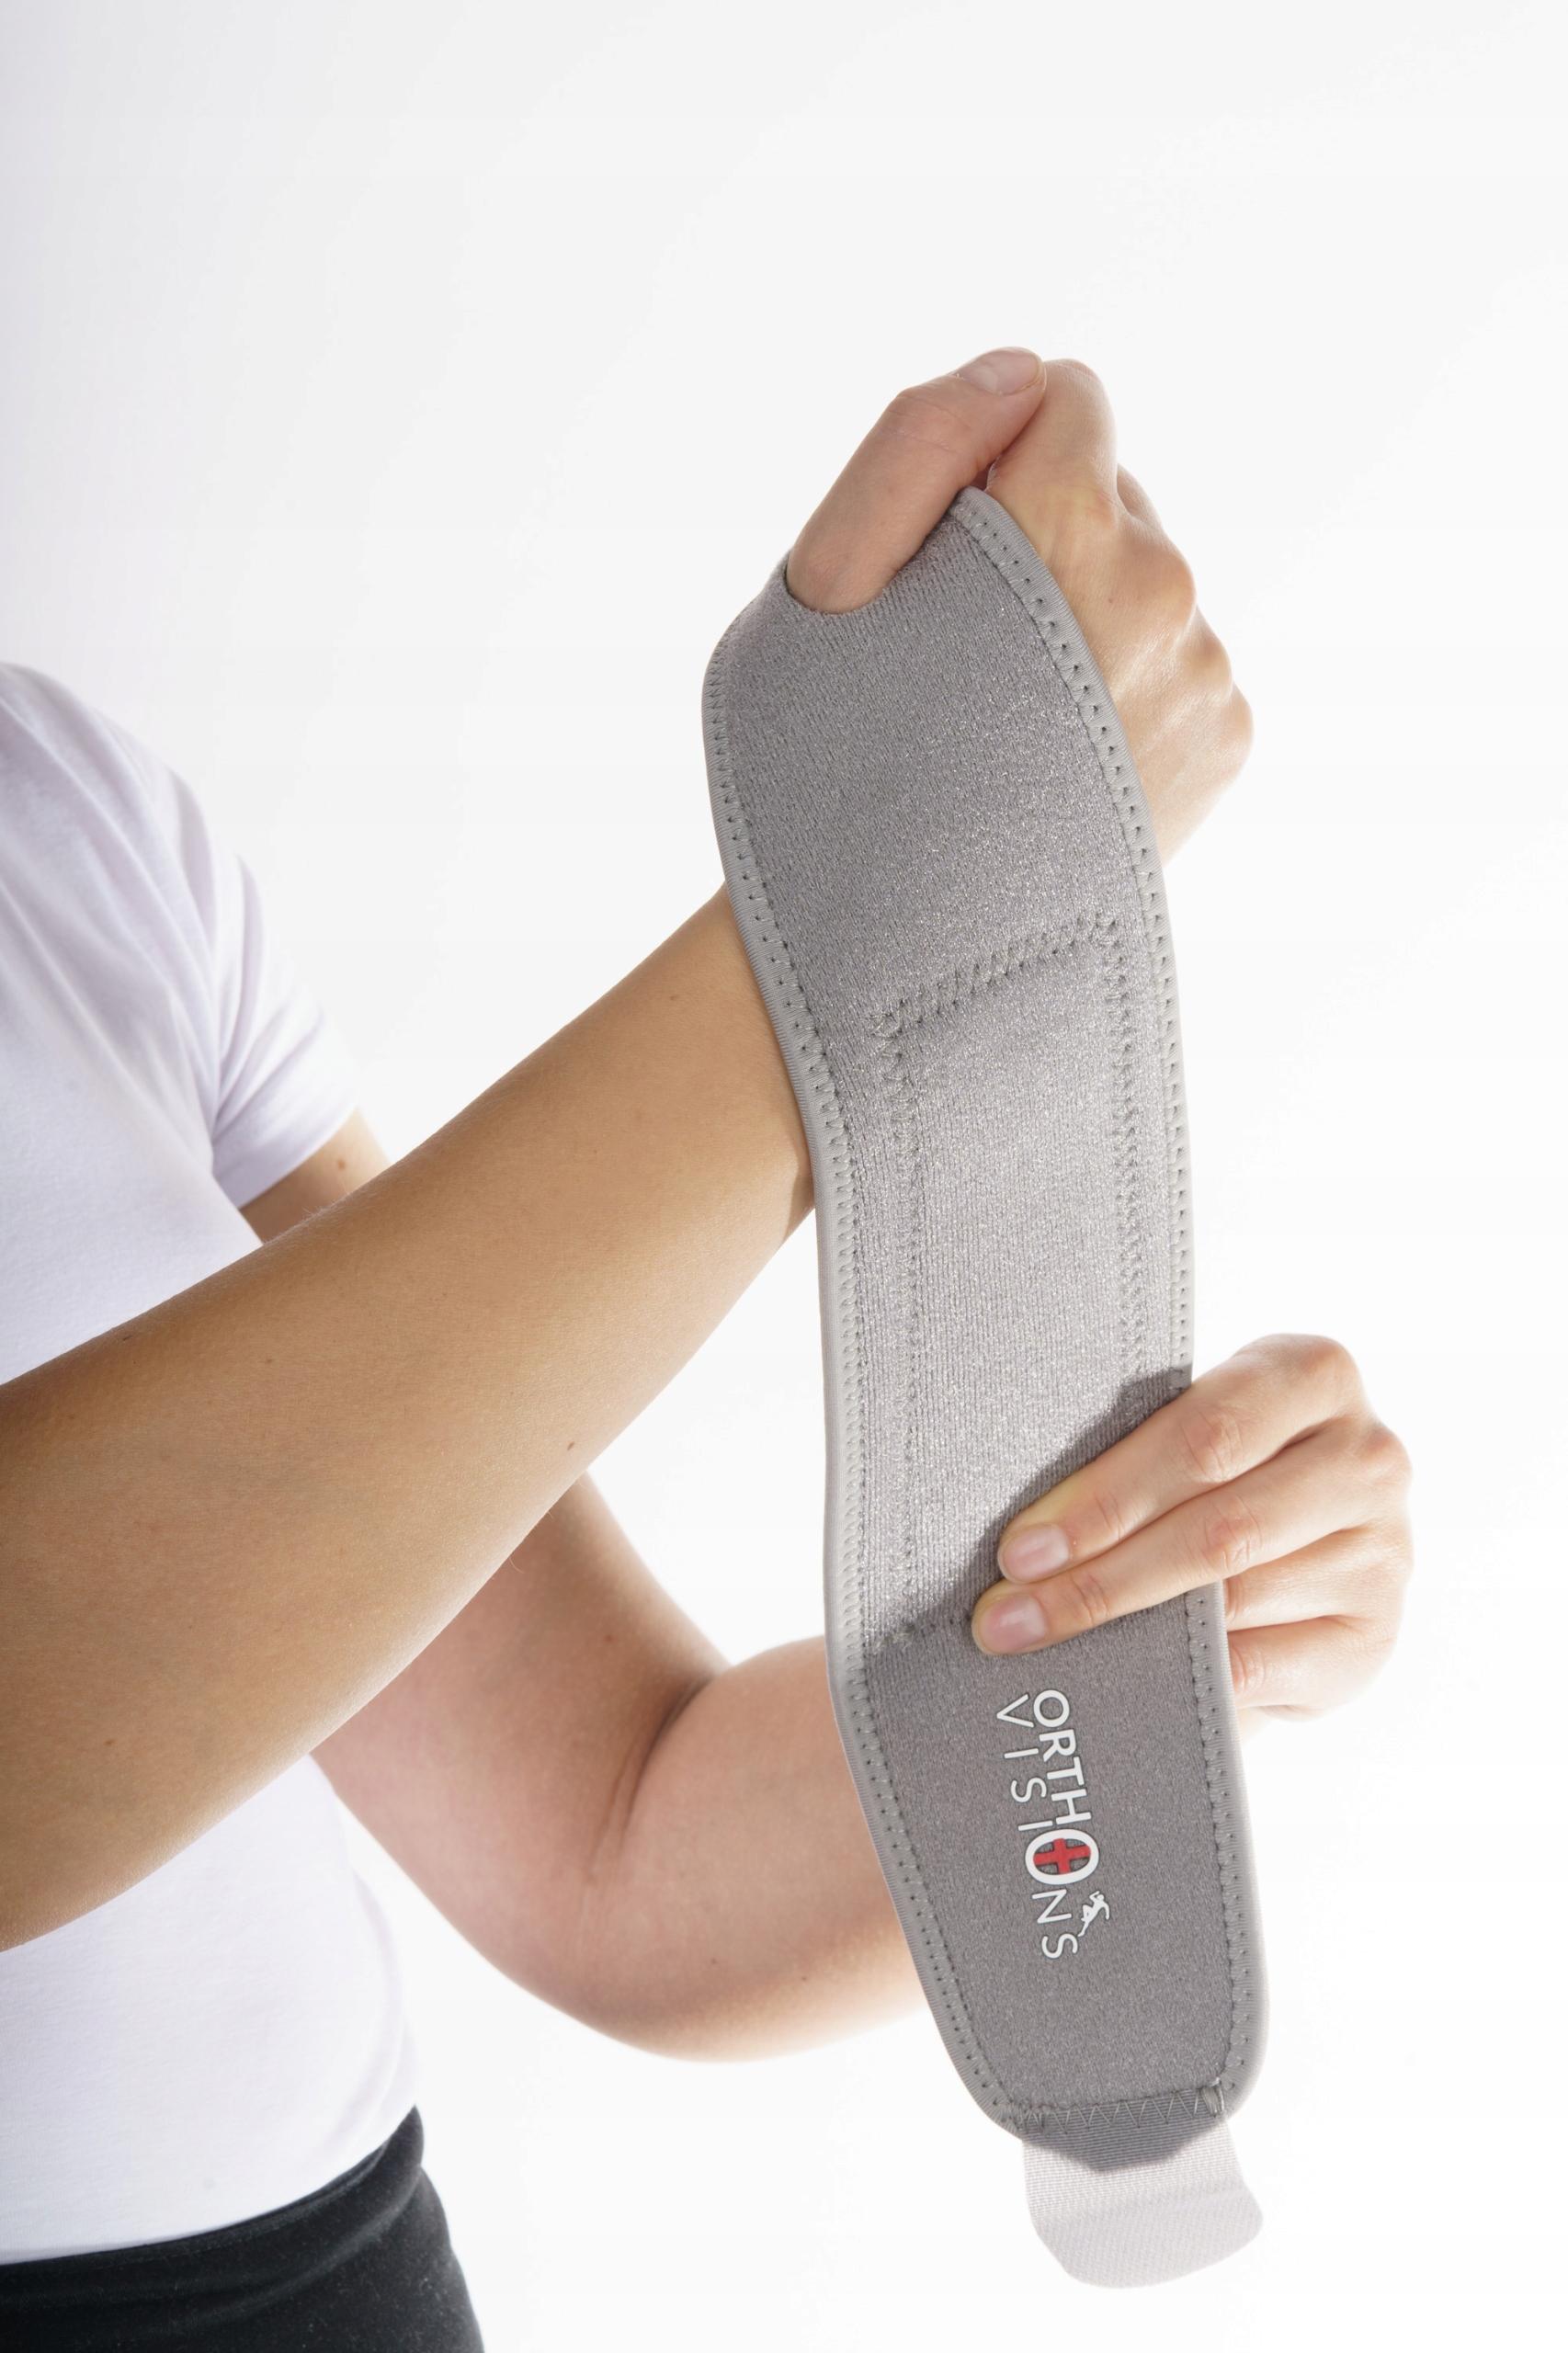 MAGETICKÁ KAPELA + TURMALÍN PRO ORTÓZU ZÁPĚSTÍ Určené použití zápěstí